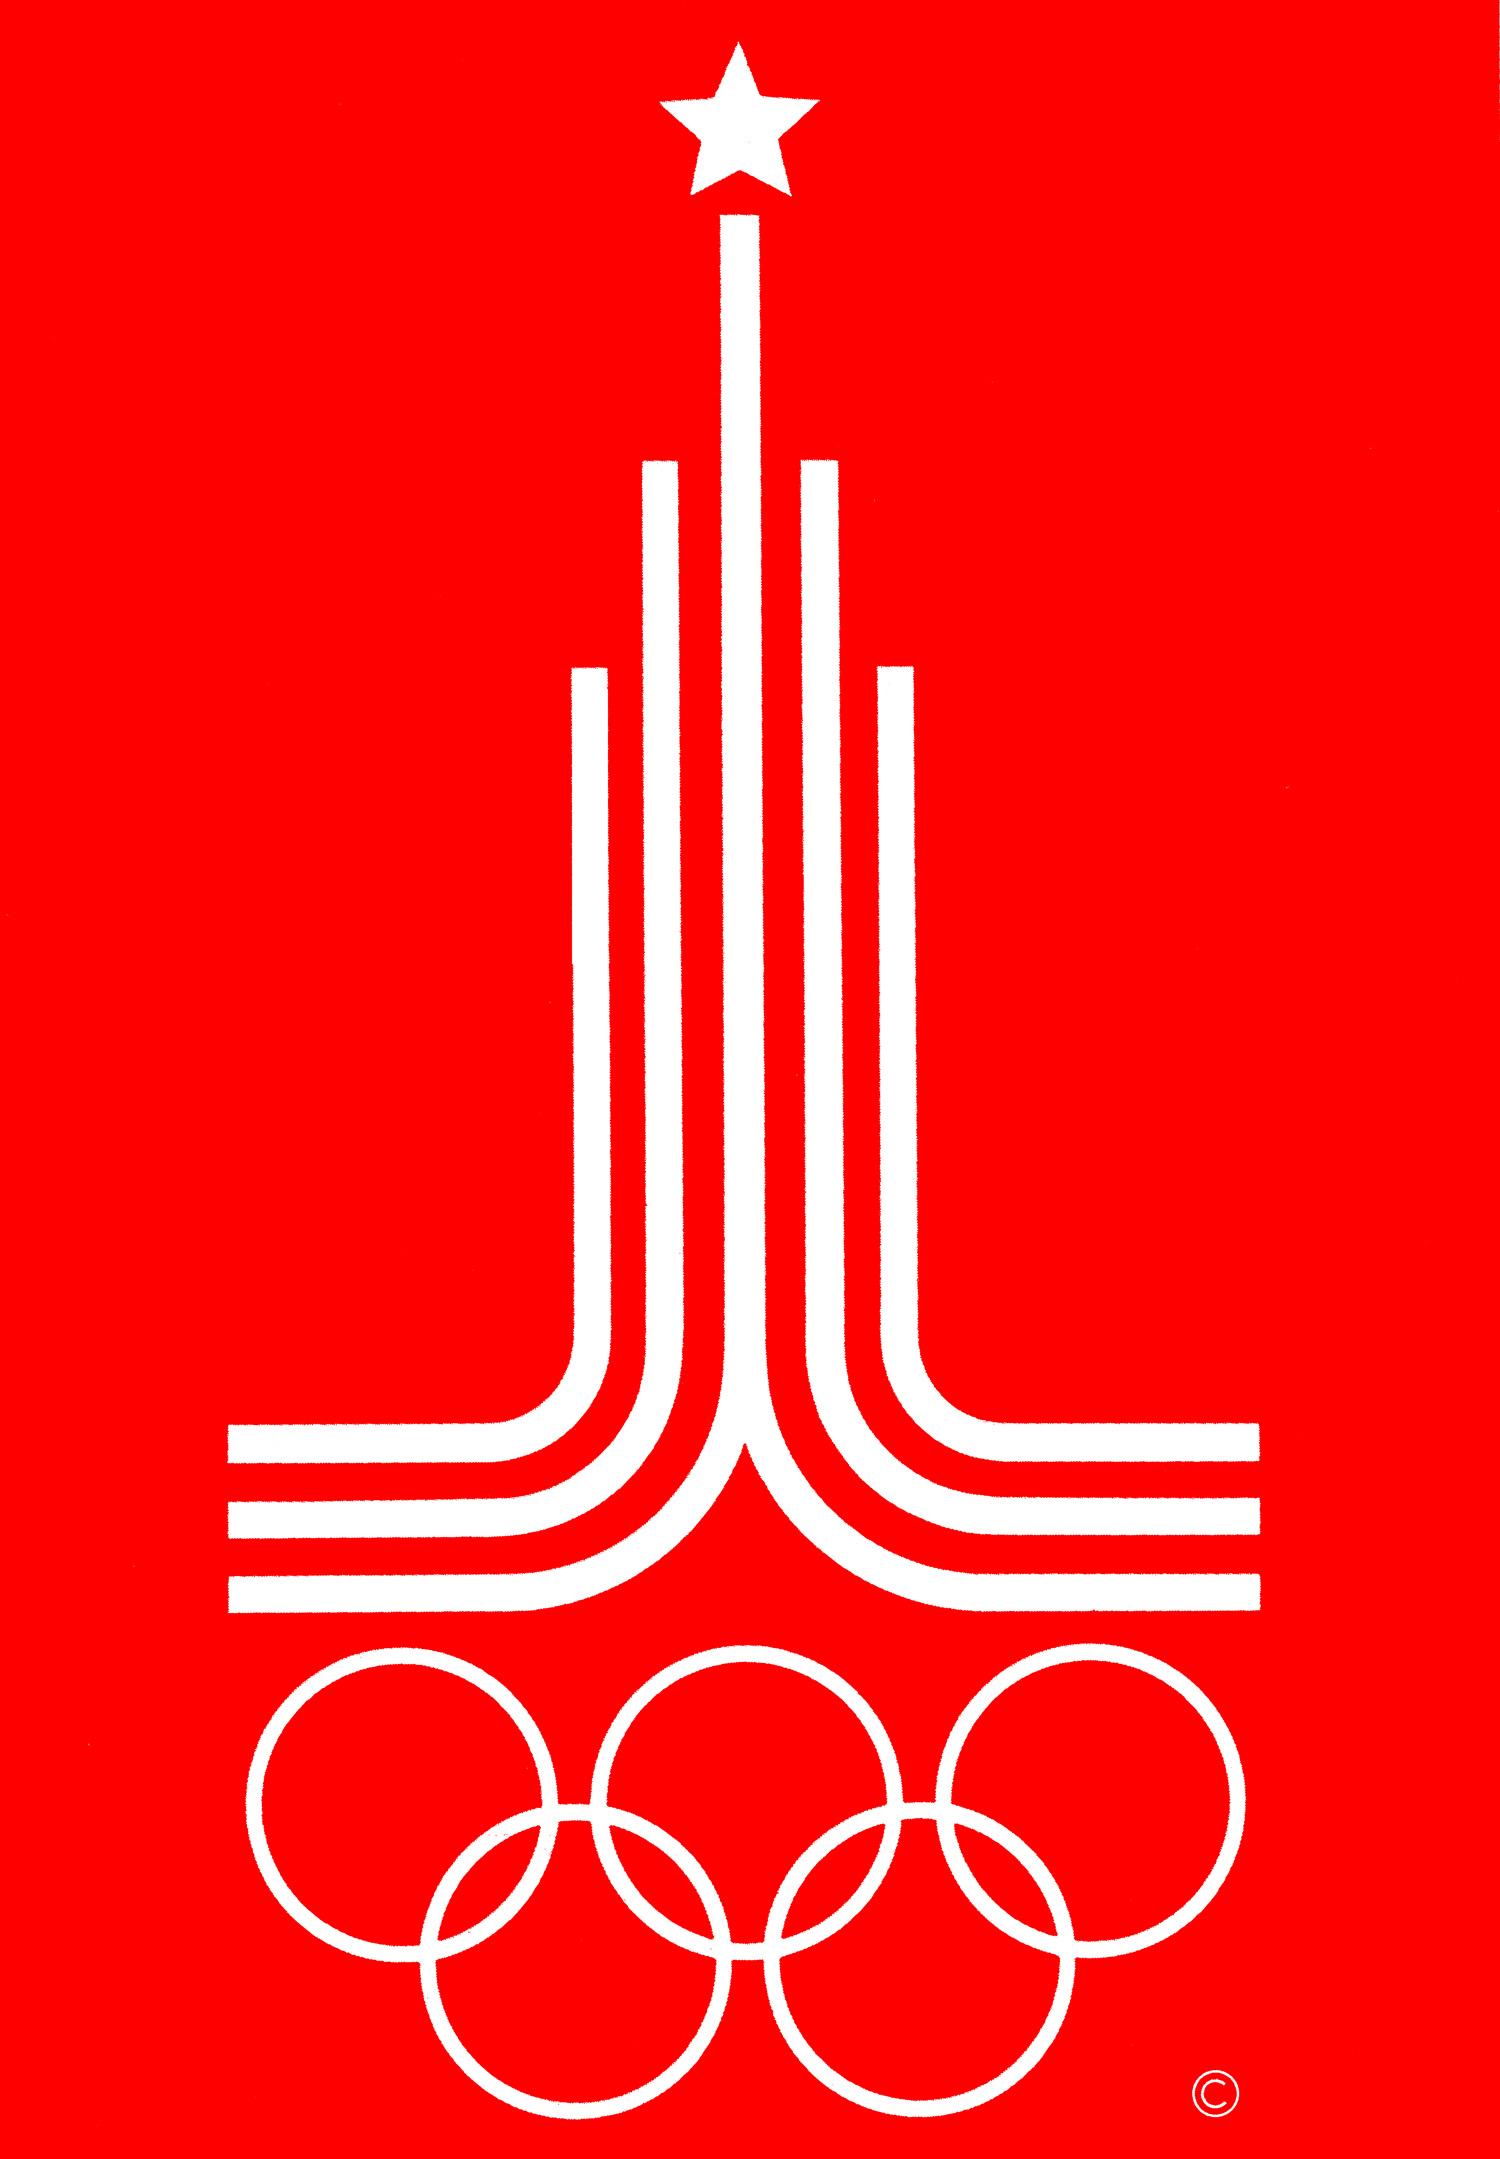 Олимпийская эмблема Владимира Арсентьева